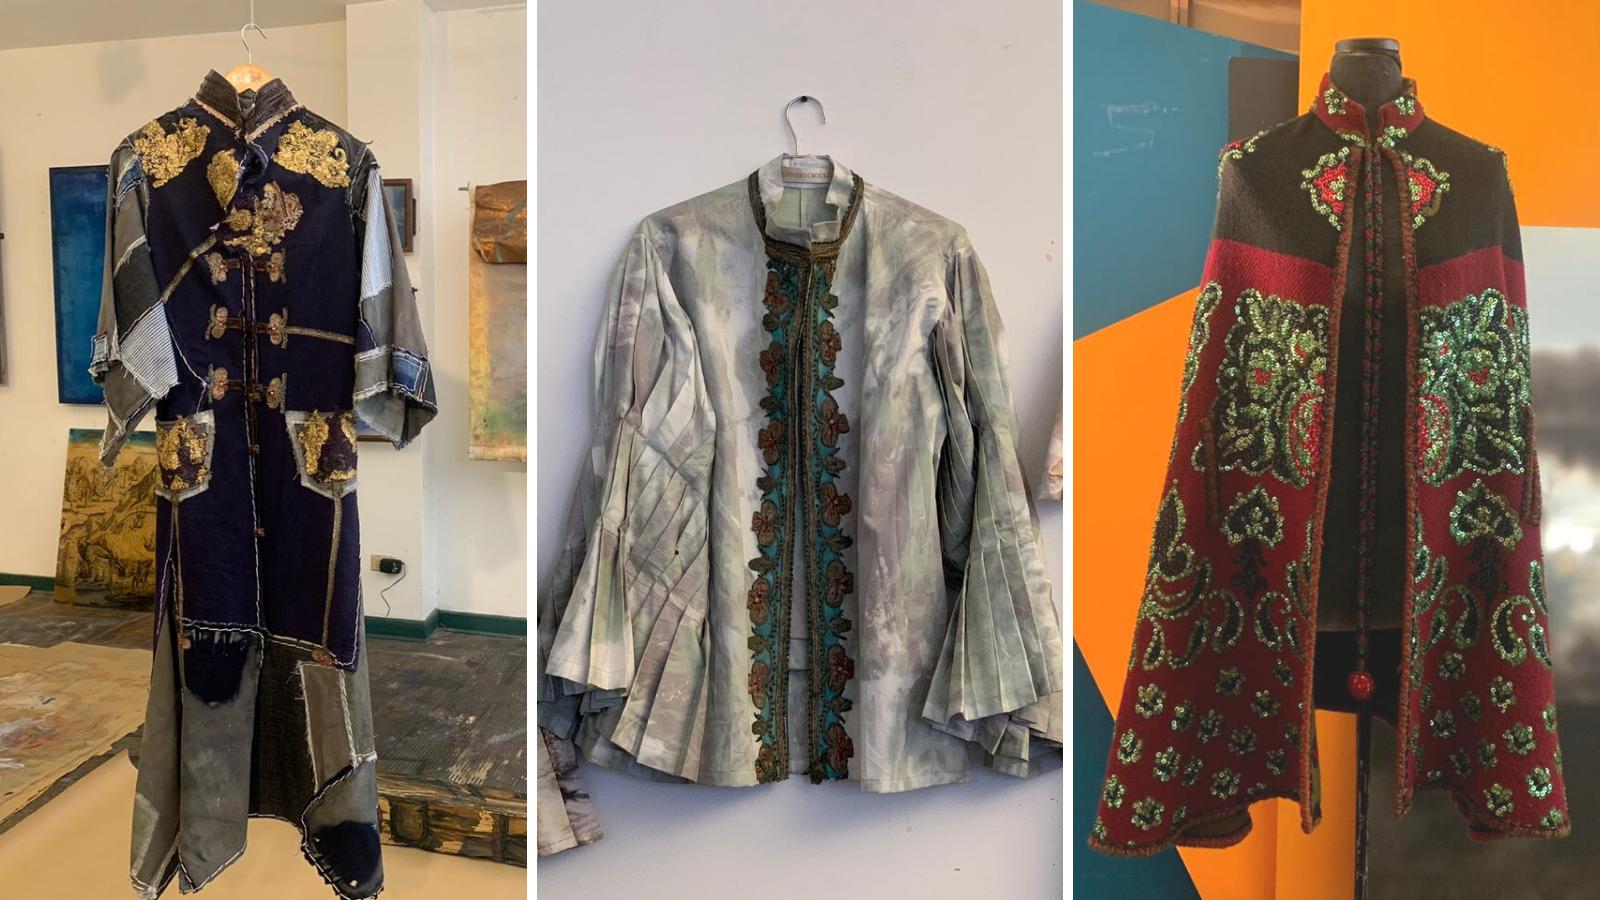 El arte de crear ropa nueva con telas usadas